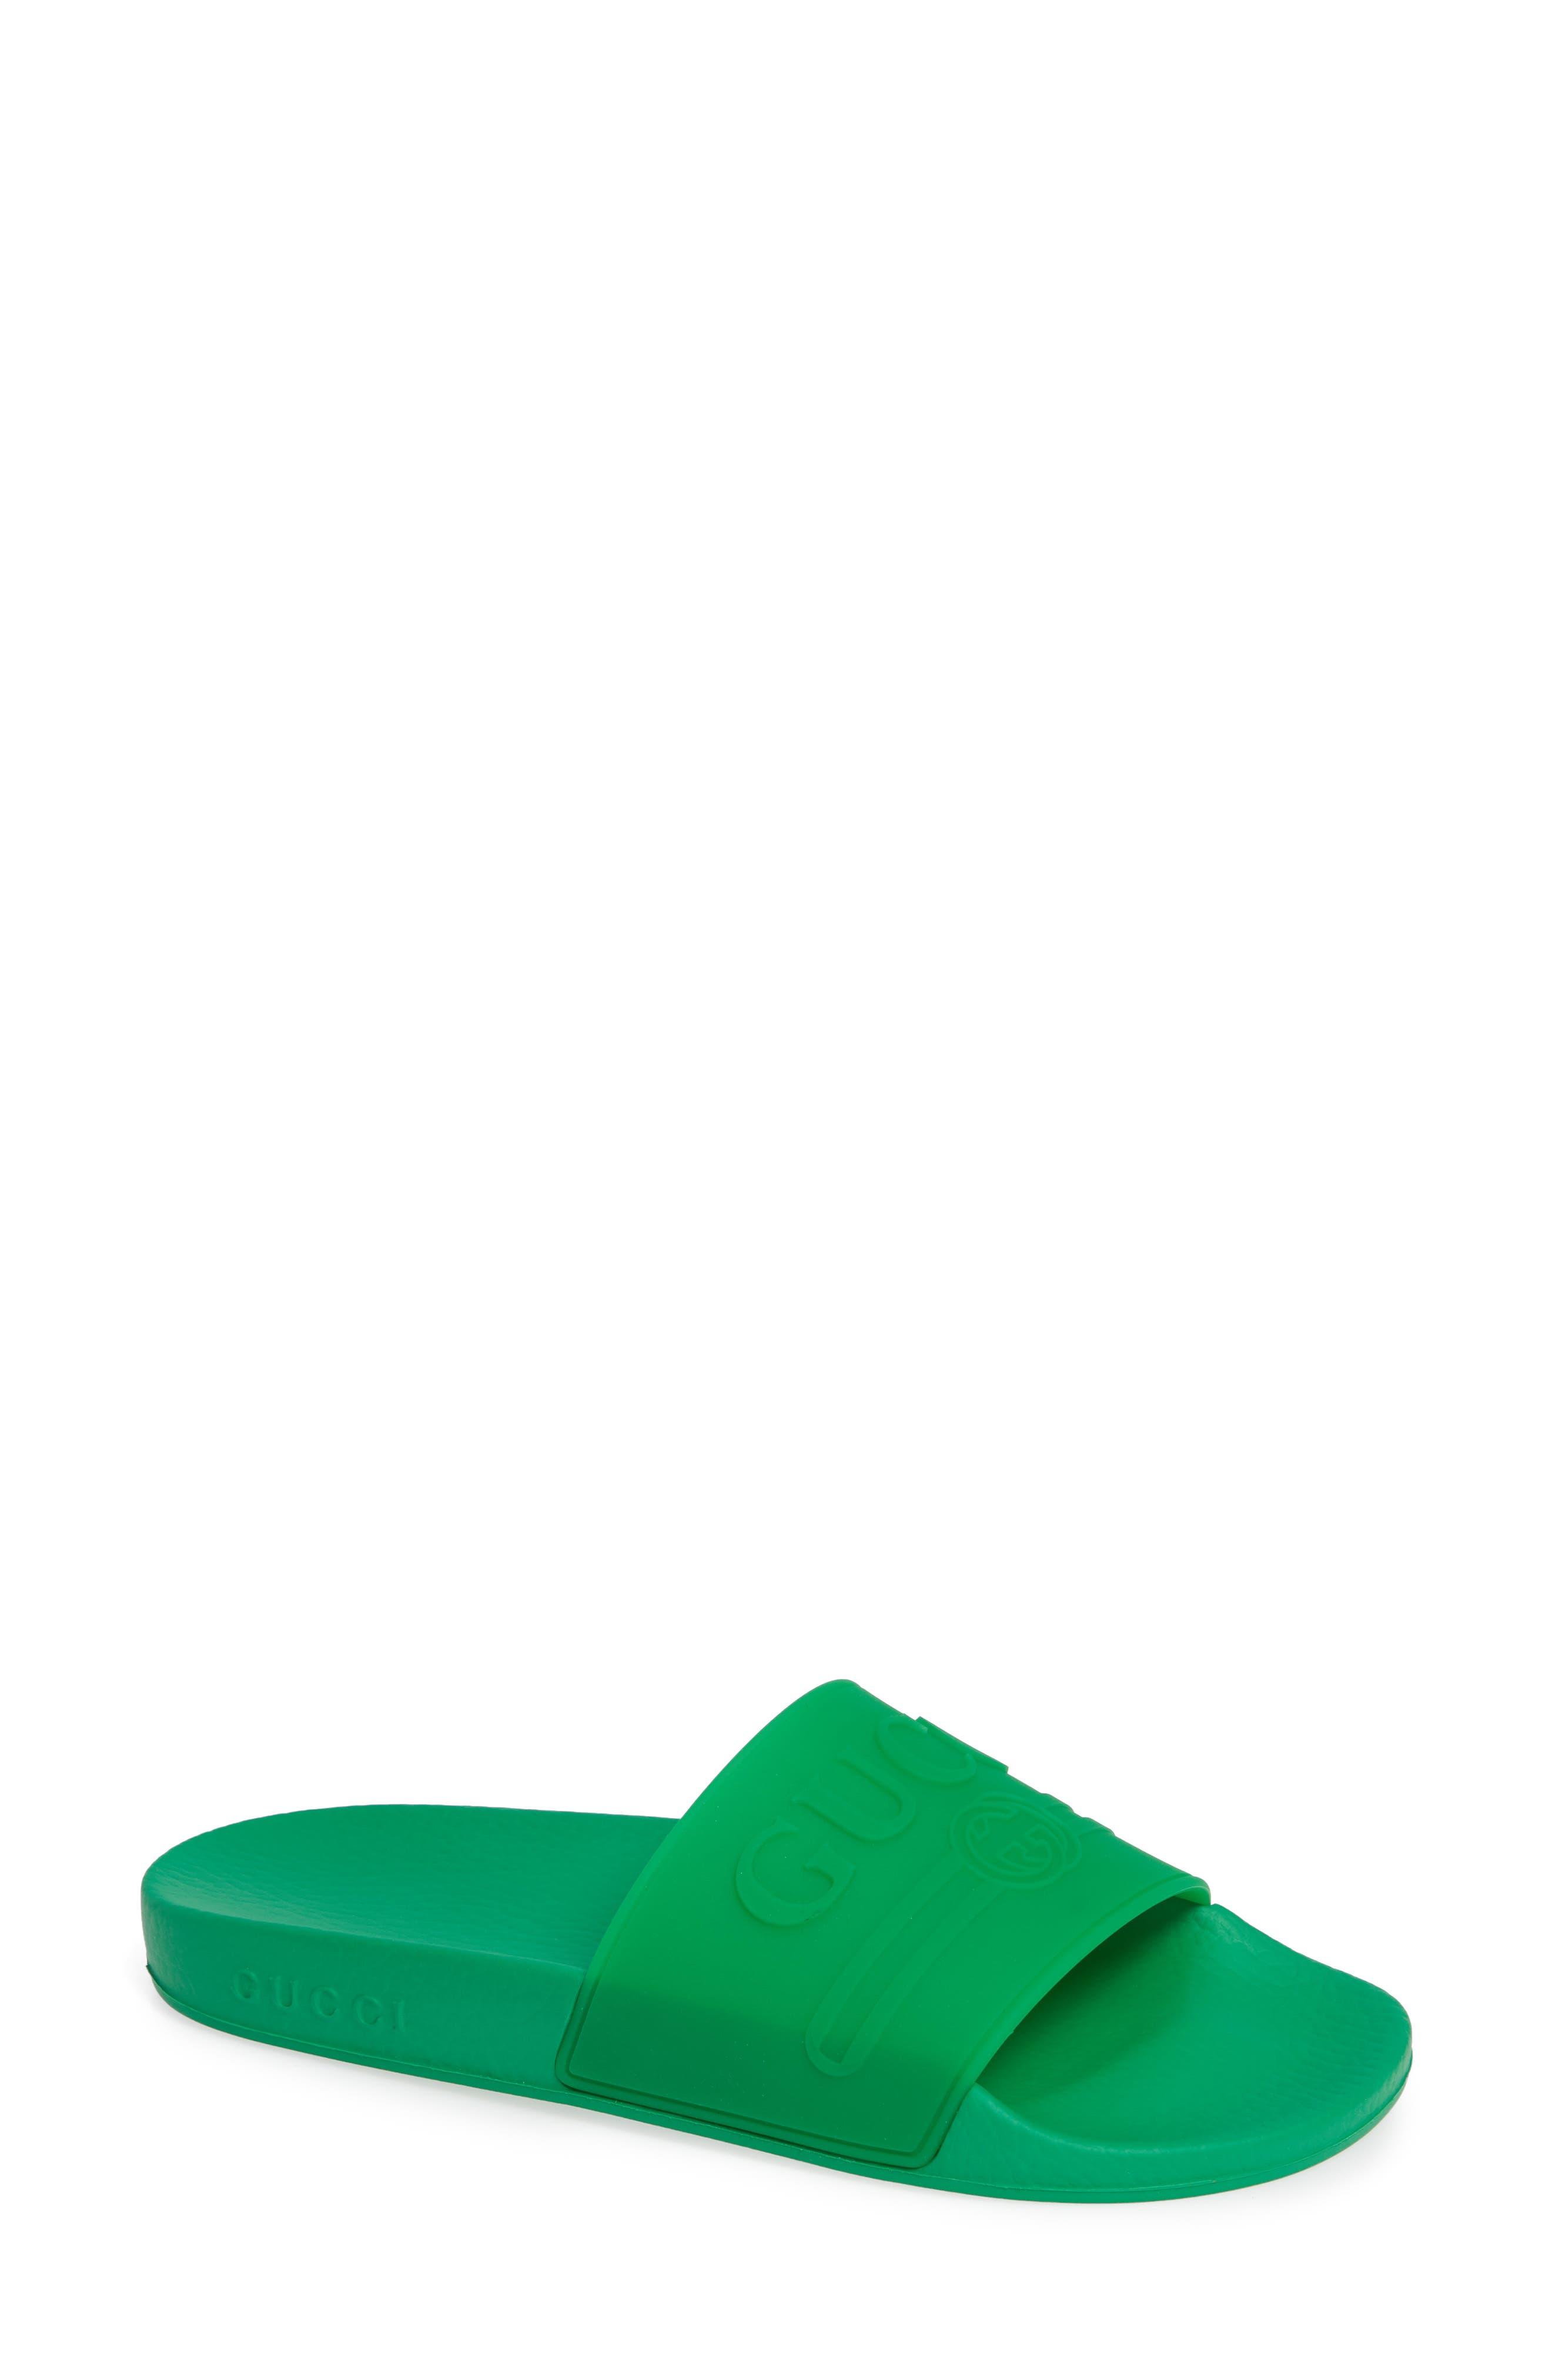 9f990653c7c3d Gucci Women s Pursuit Rubber Slide Sandals In 3023 Verde